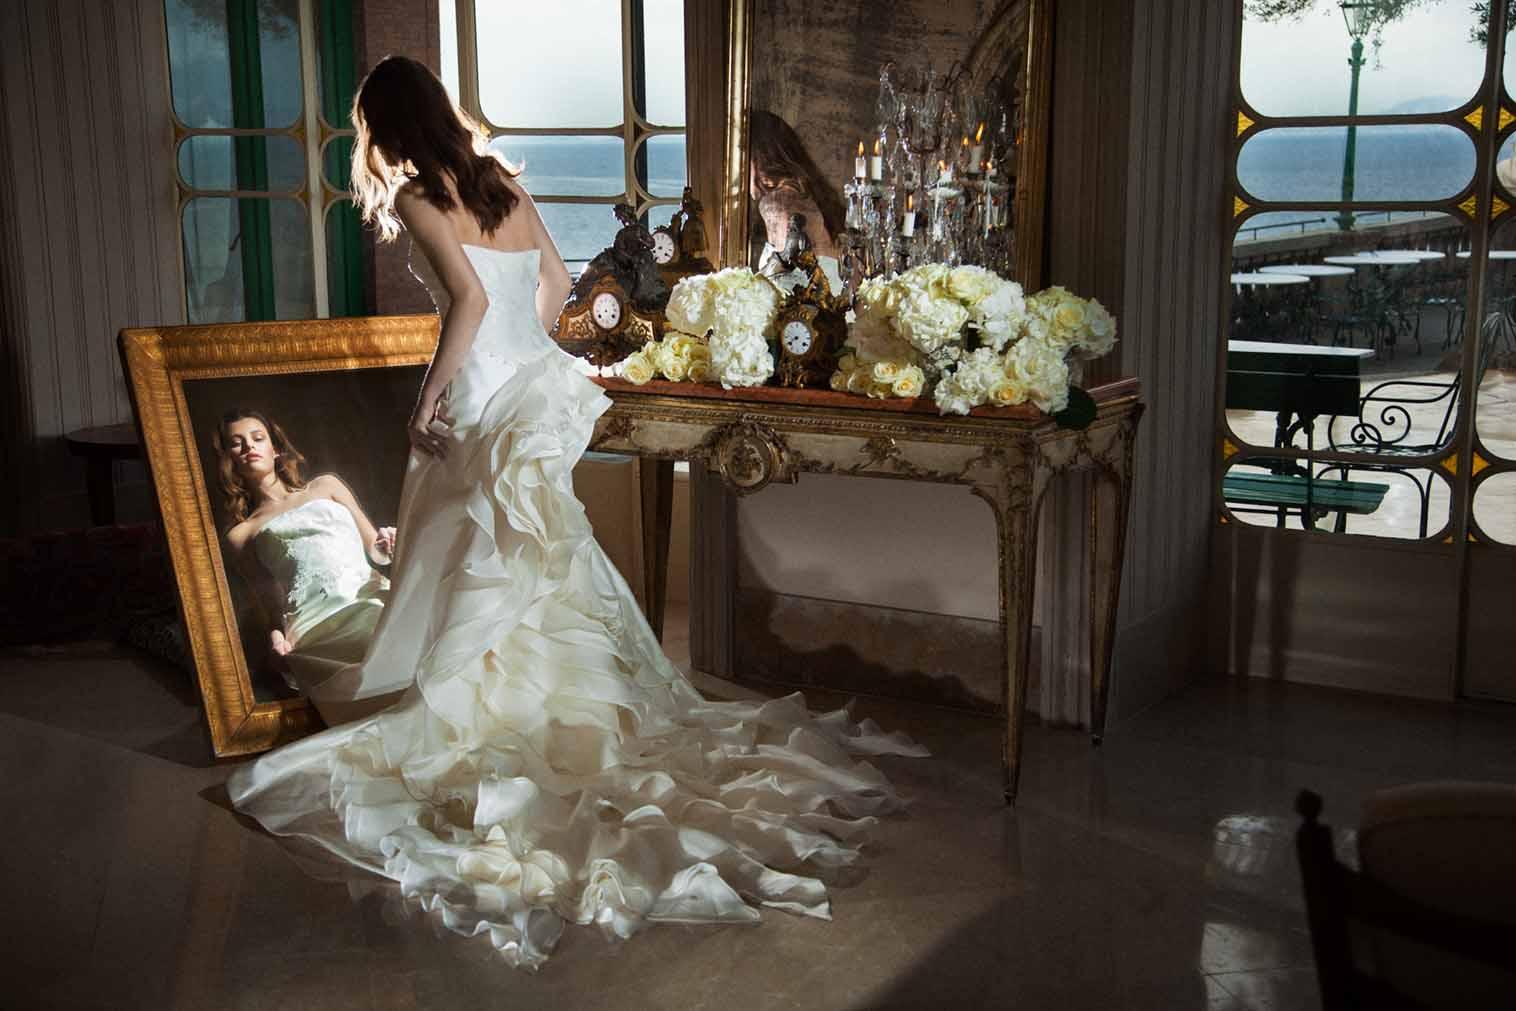 GabrieleFogli-fotografo-focale-produzione foto-video-Sorrento-EnzoMiccio-Fashion-Bridal-BOLDINI-SHAKESPEARE- G-Excelsior Vittoria-3